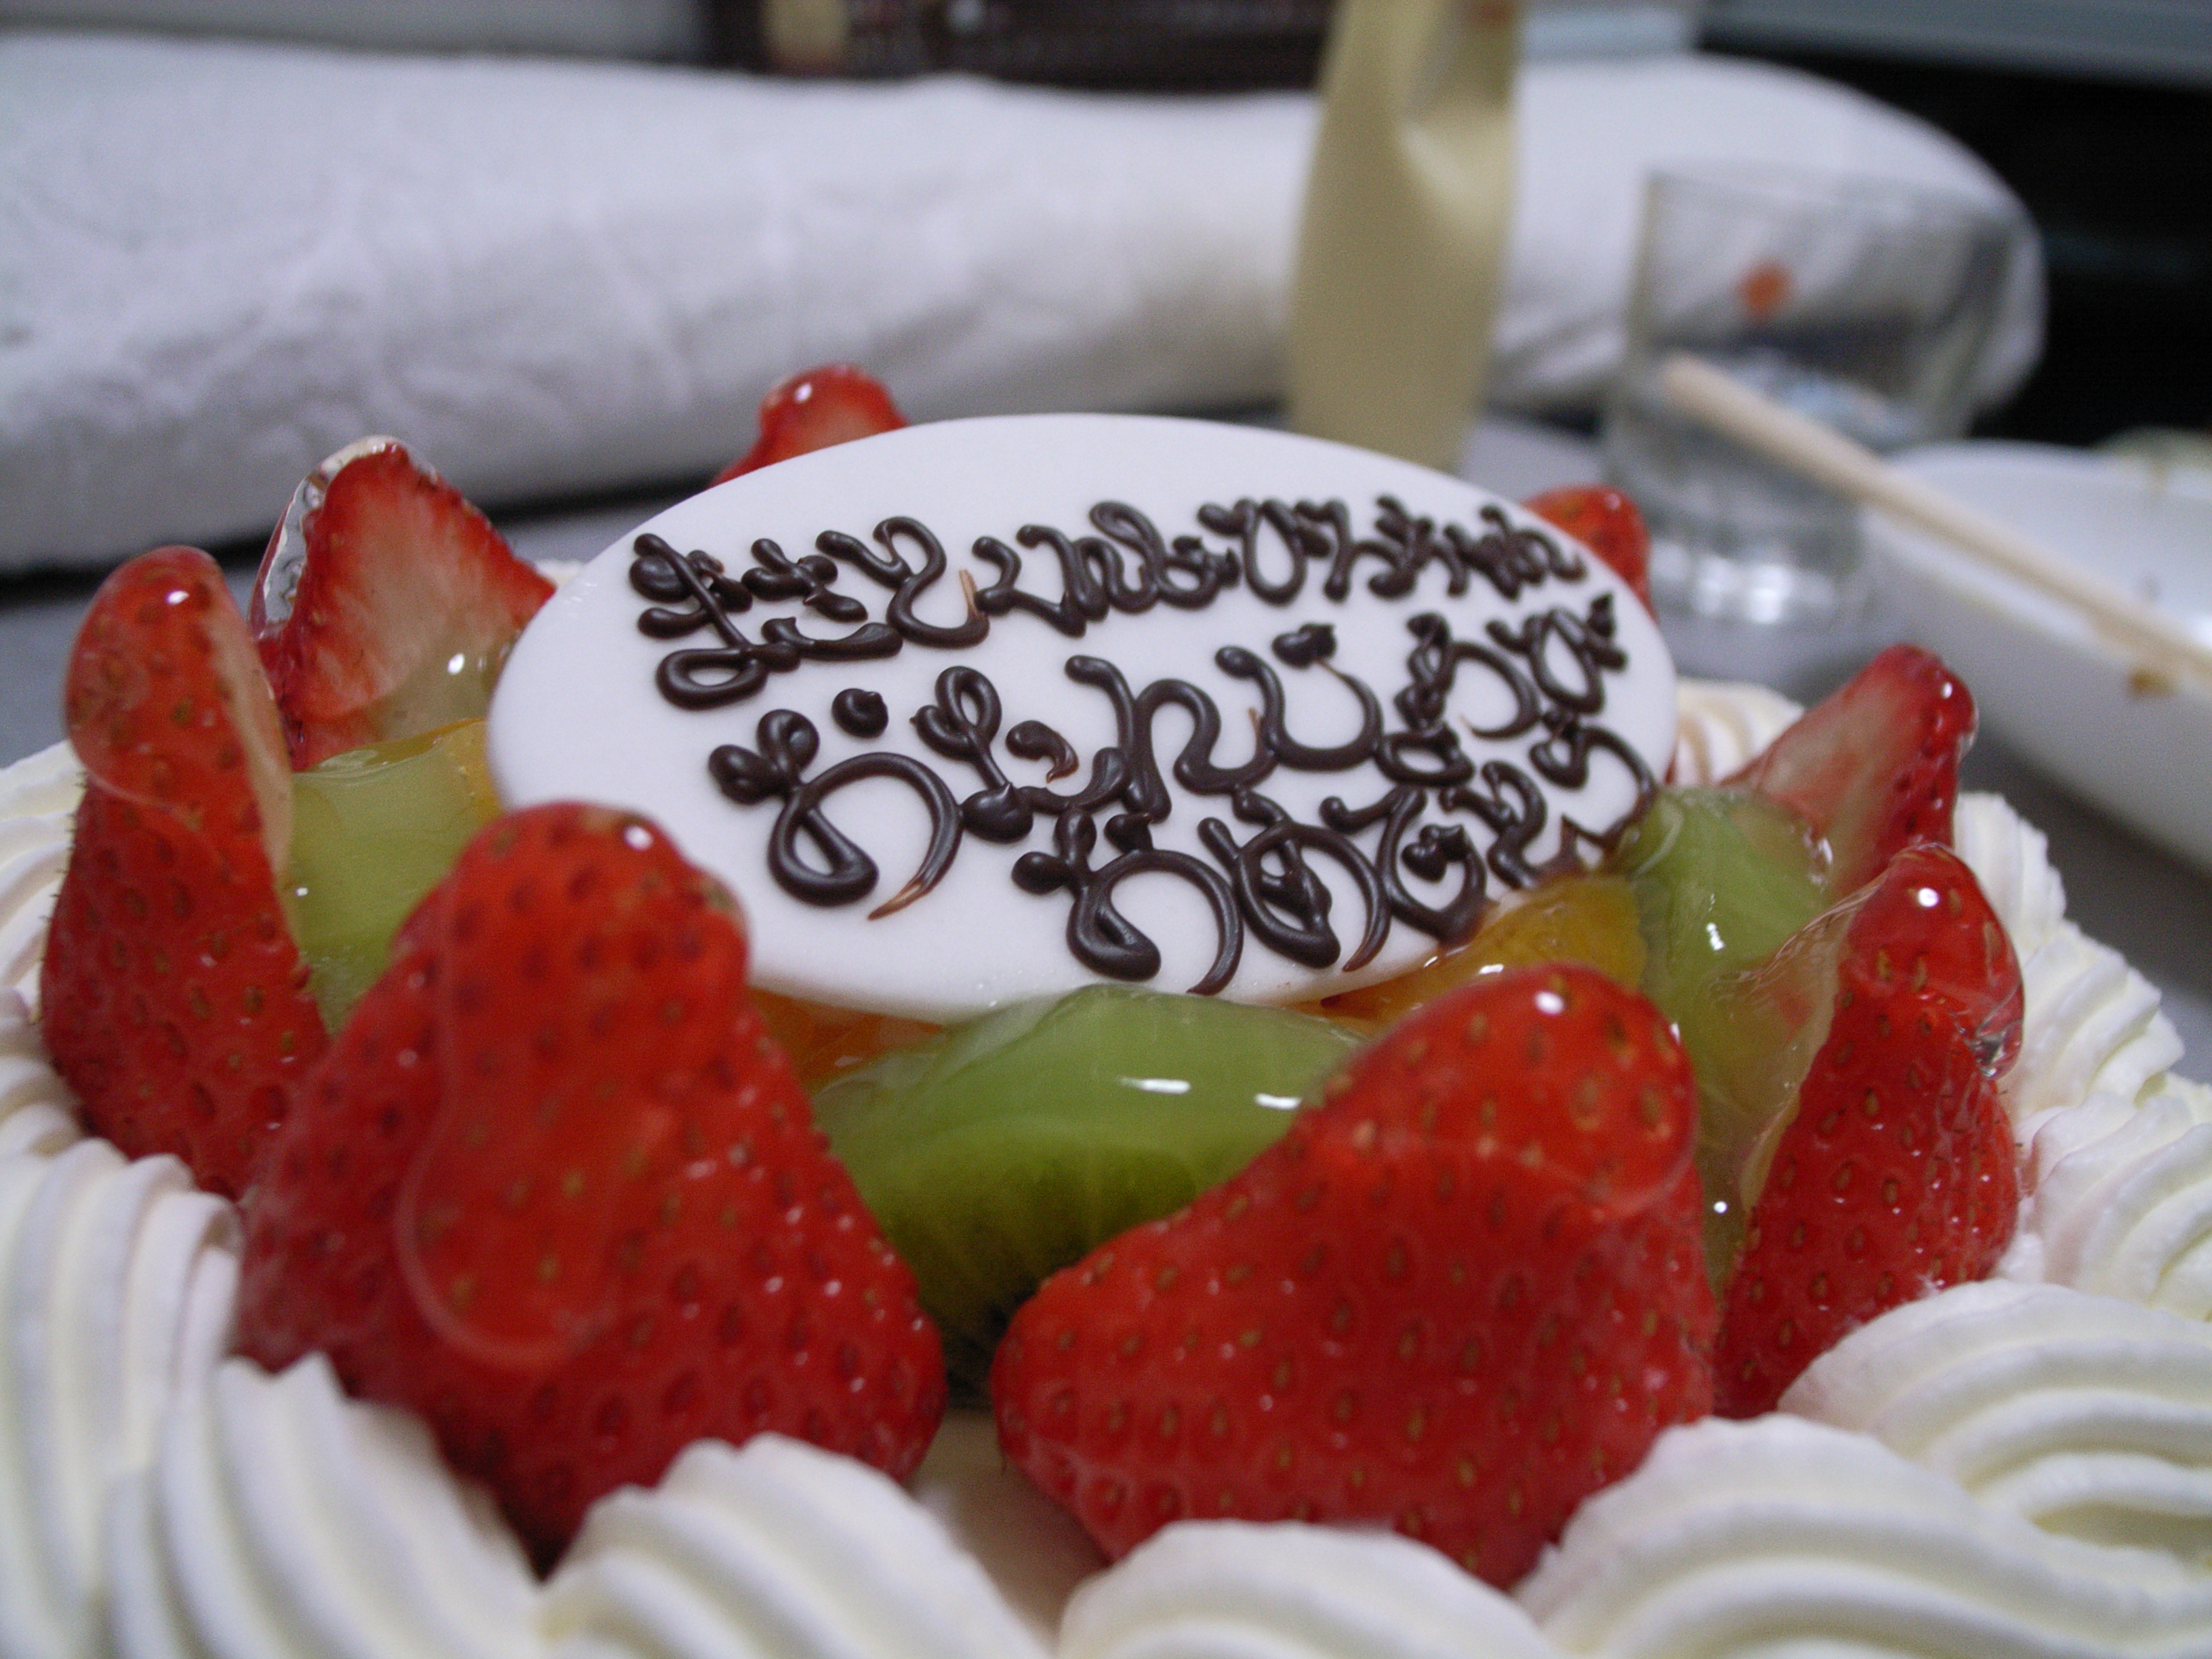 Happy Birthday Cake Cartoon Pictures